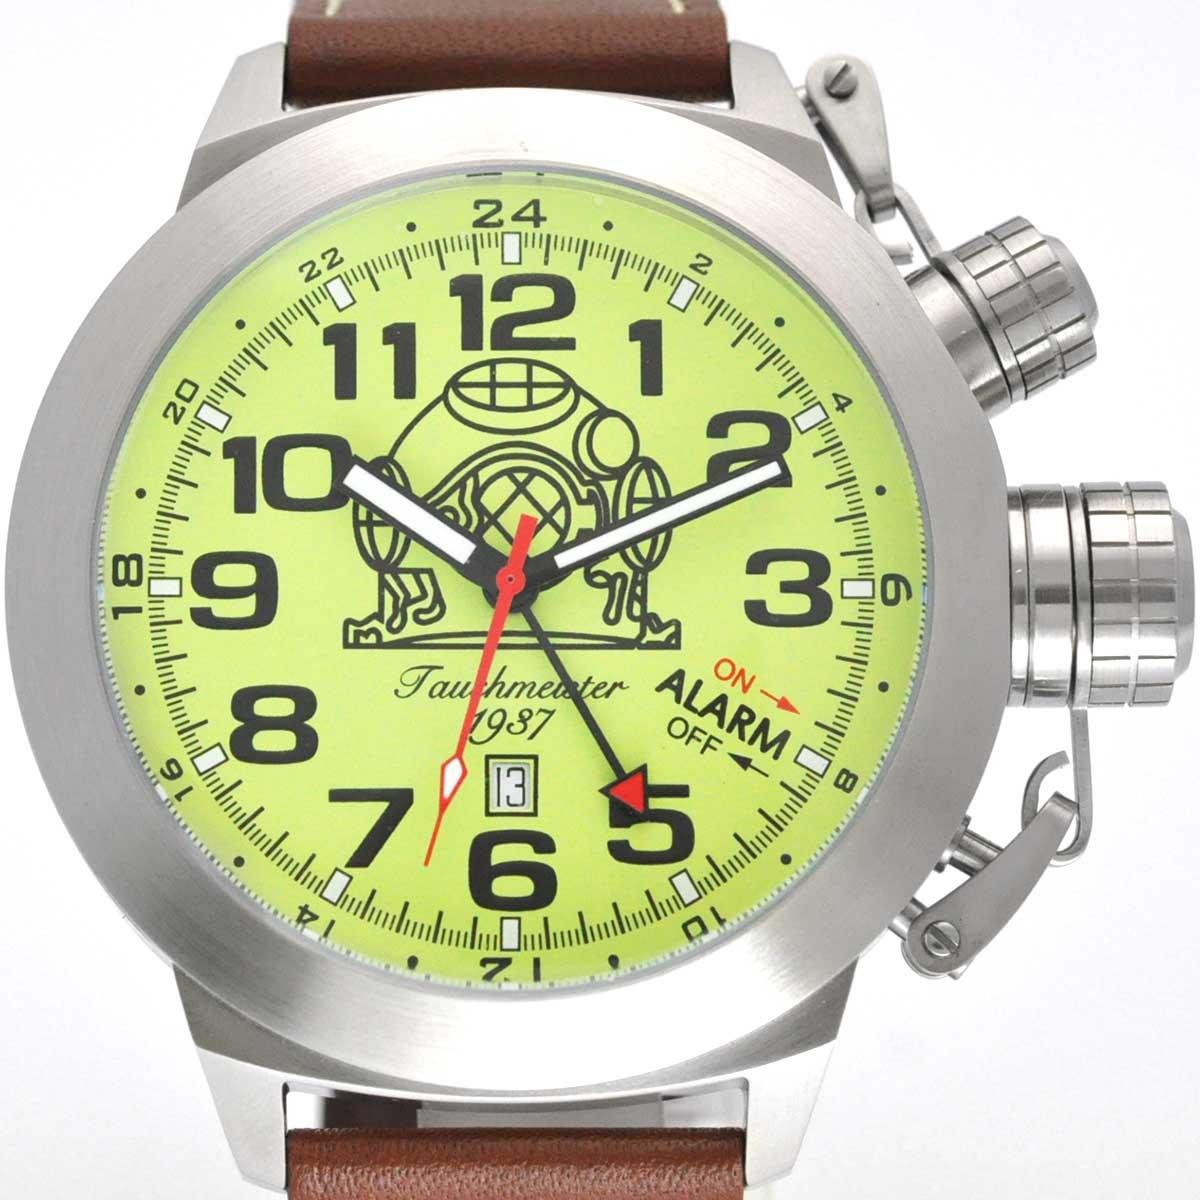 Tauchmeister 1937 トーチマイスター1937 電池式クォーツ 腕時計 [T0305] 並行輸入品  デイト GMT(ワールドタイム) アラーム